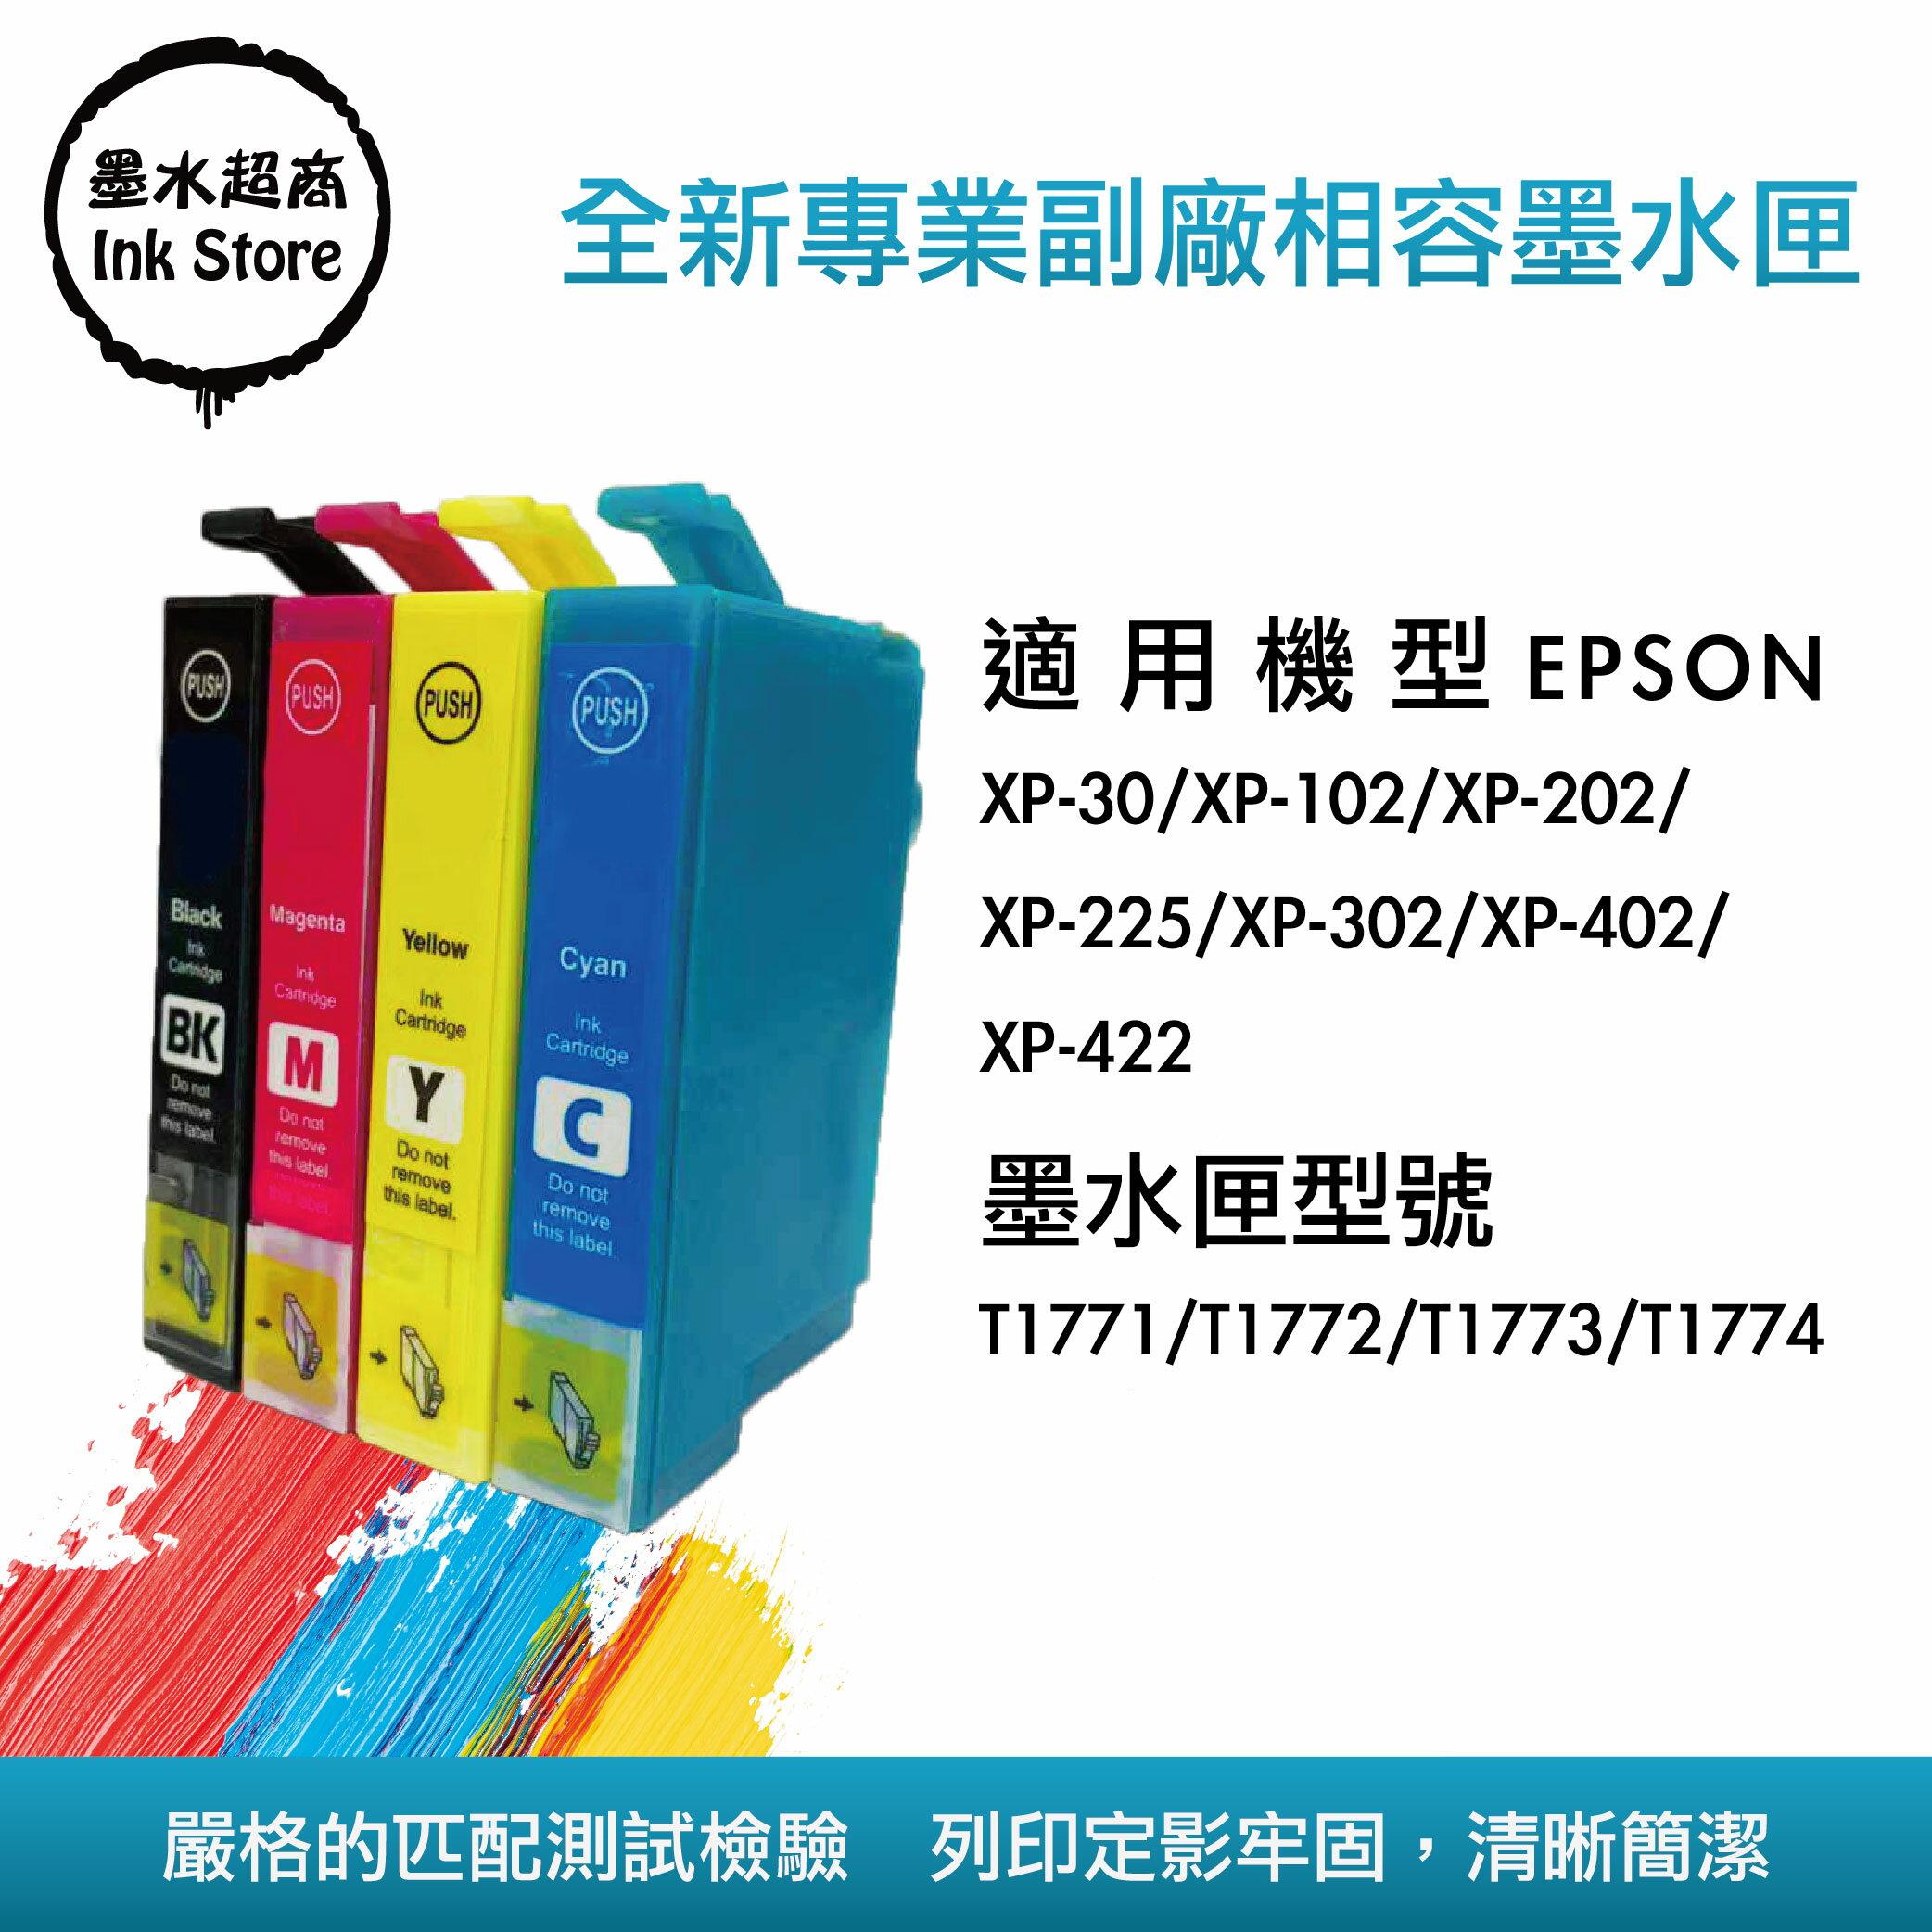 【墨水超商】EPSON T1771 黑 / T1772 藍 / T1773 紅/ T1774 黃  副廠相容墨水匣 / XP-30/XP-102/XP-202/XP-302/XP-402/XP-225/XP-422